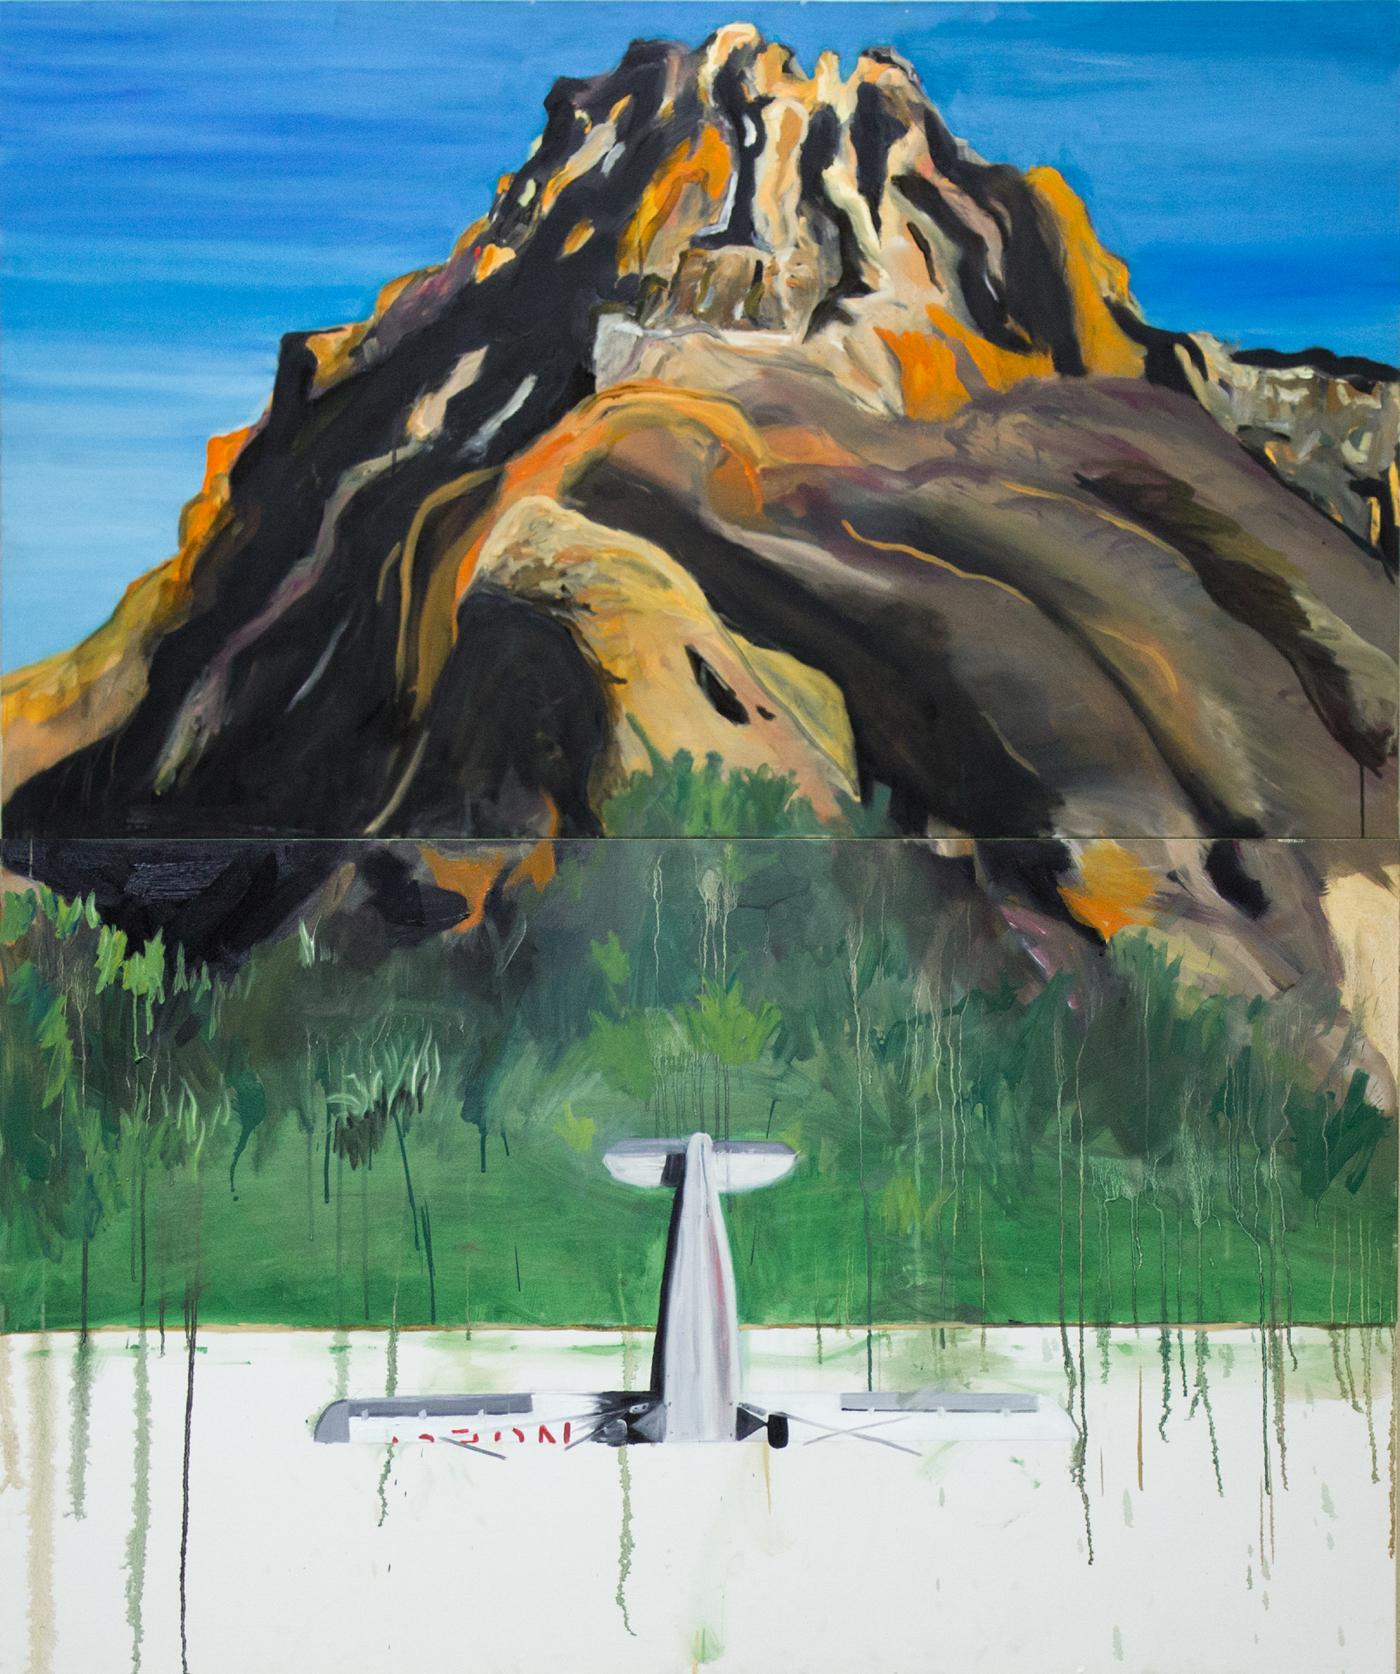 Aviãozinho  2015 Tinta á óleo sobre tela 180 x 160 cm   Coleção Particular